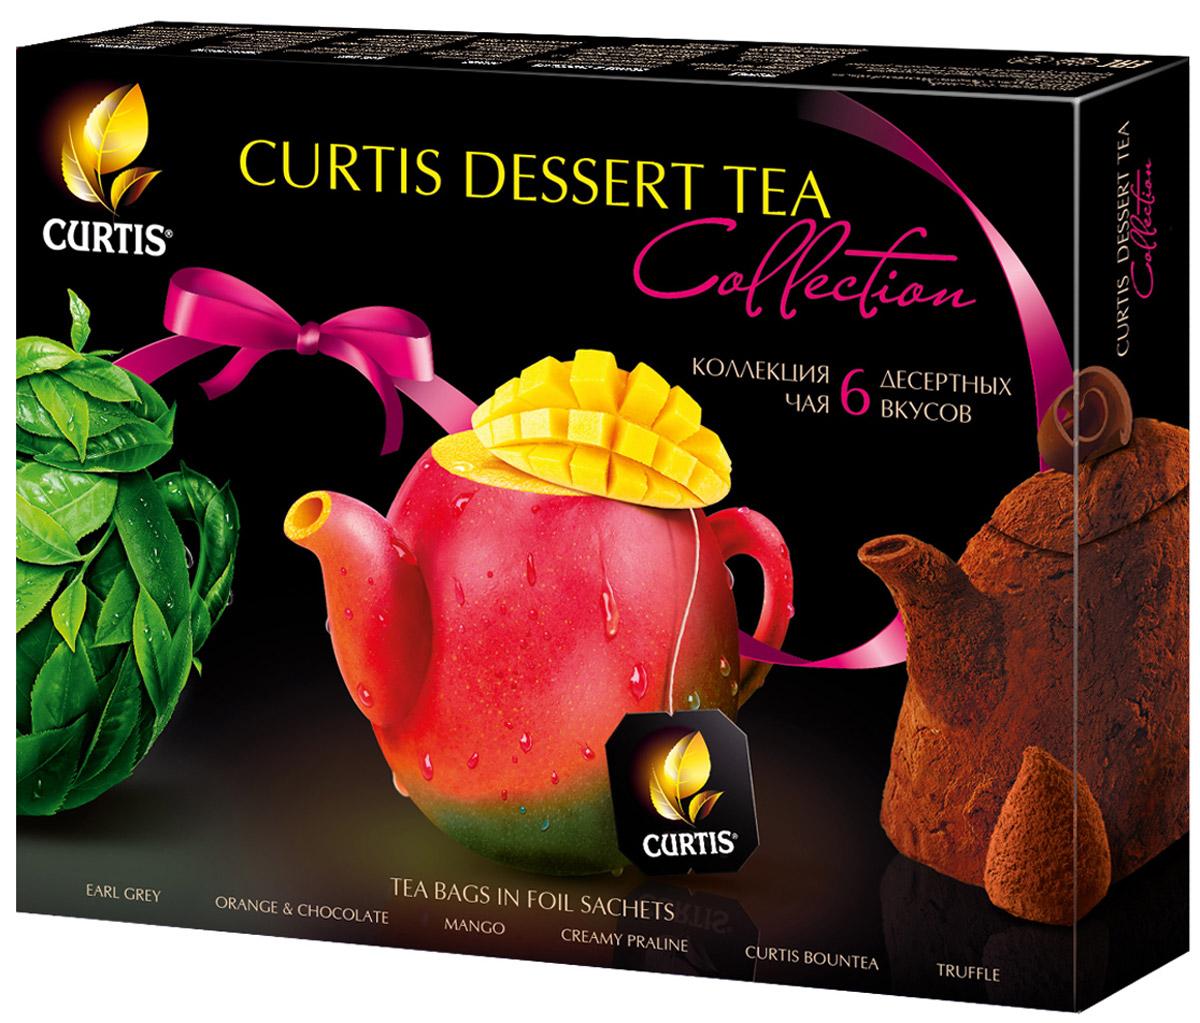 Curtis Dessert Tea Collection чайное ассорти, 30 шт0120710Curtis Dessert Tea Collection - коллекция чая с десертными вкусами. Сочетание великолепного чая и вкусов знаменитых десертов рождает новую изысканную форму удовольствия. Утонченные ароматы и соблазнительные вкусы: шоколадный, фруктовый, карамельный и т.д.Уважаемые клиенты! Обращаем ваше внимание на то, что упаковка может иметь несколько видов дизайна. Поставка осуществляется в зависимости от наличия на складе.